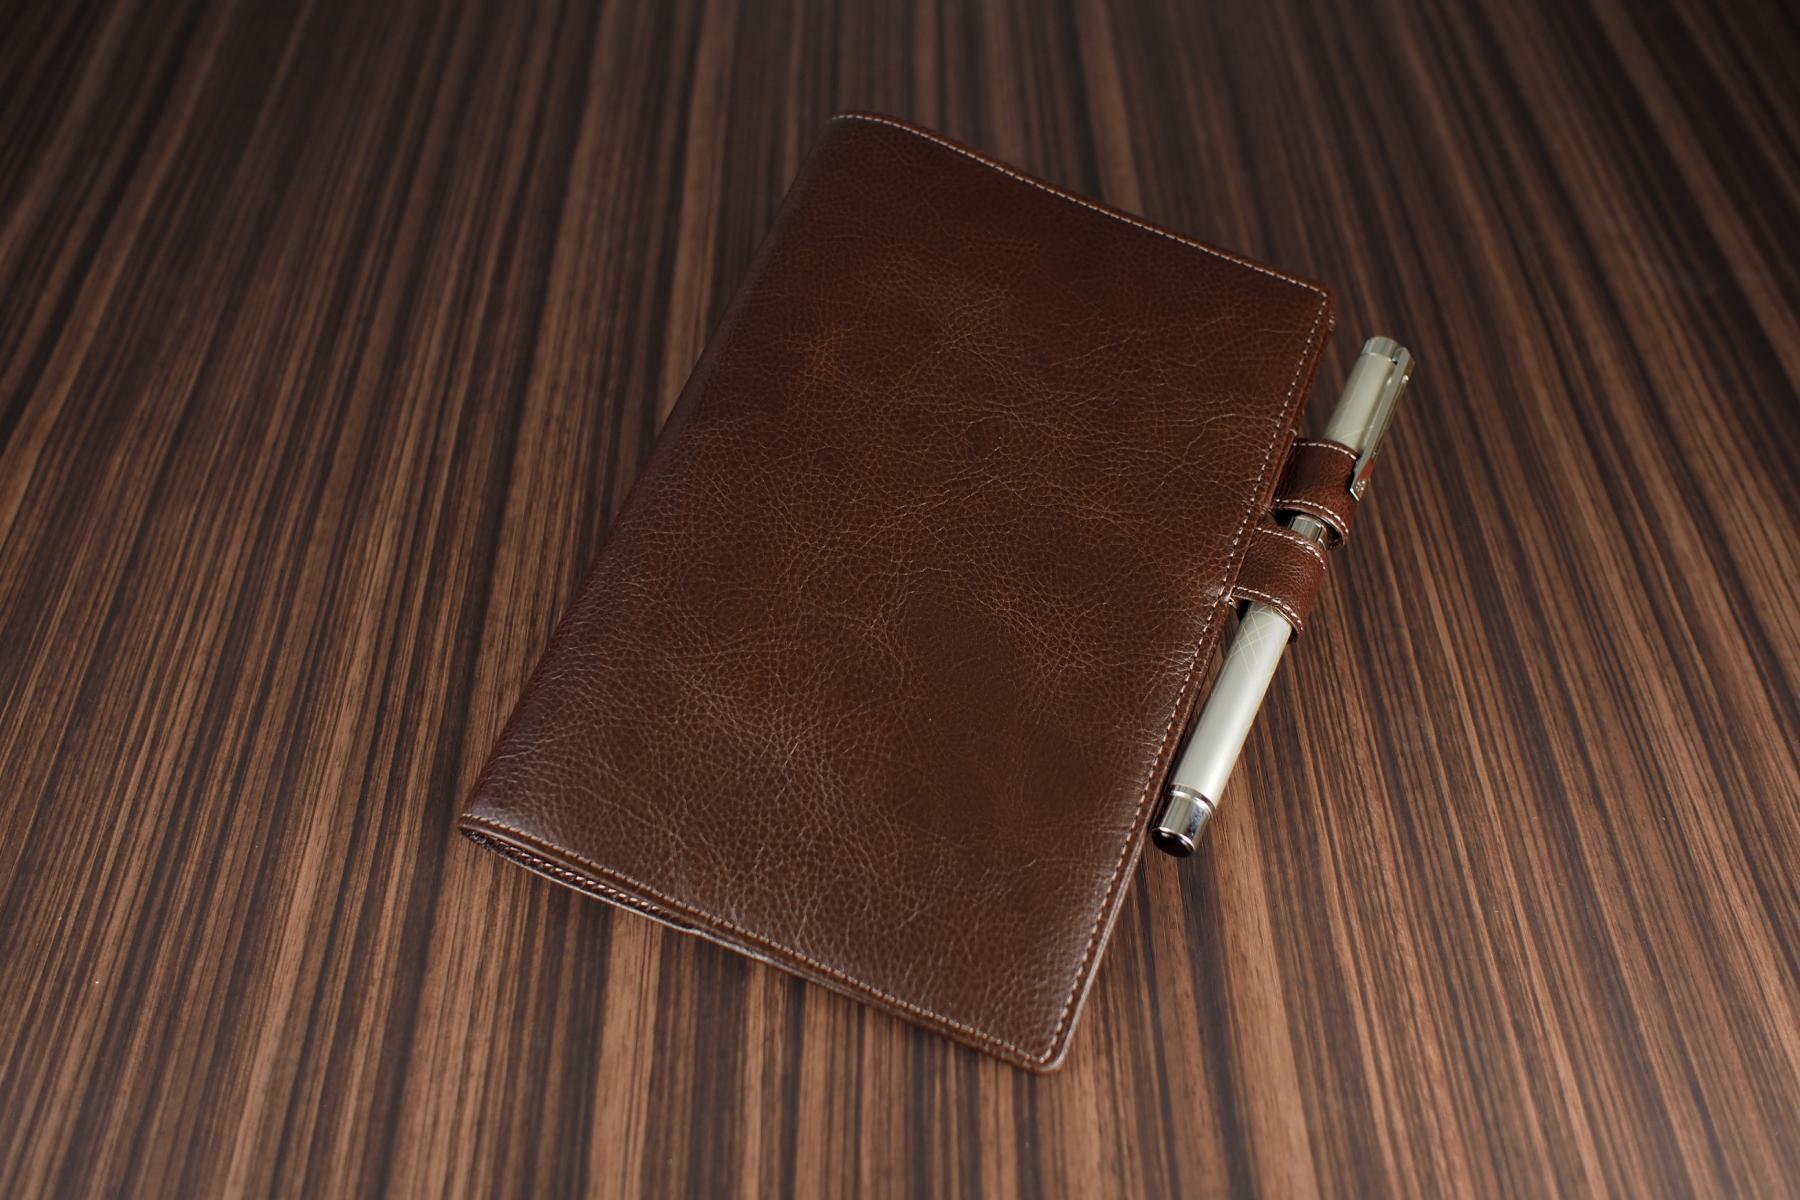 B6サイズ手帳カバー・バタフライストッパー付きのチョコブラウン